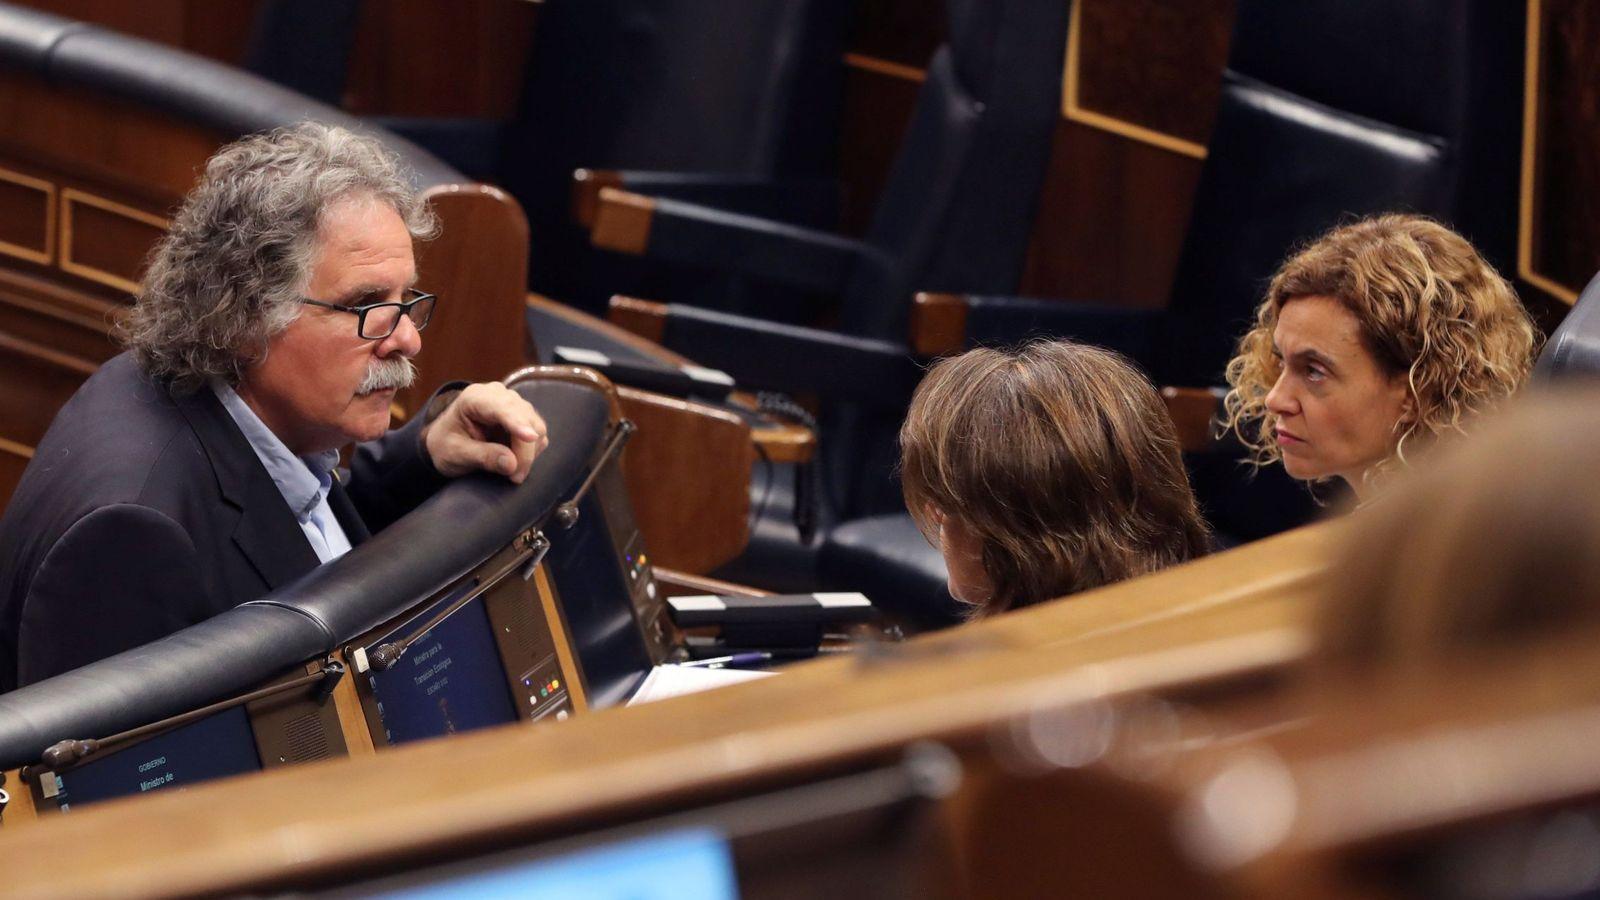 Foto: Joan Tardà (ERC) conversa con la ministra Meritxell Batet. EFE